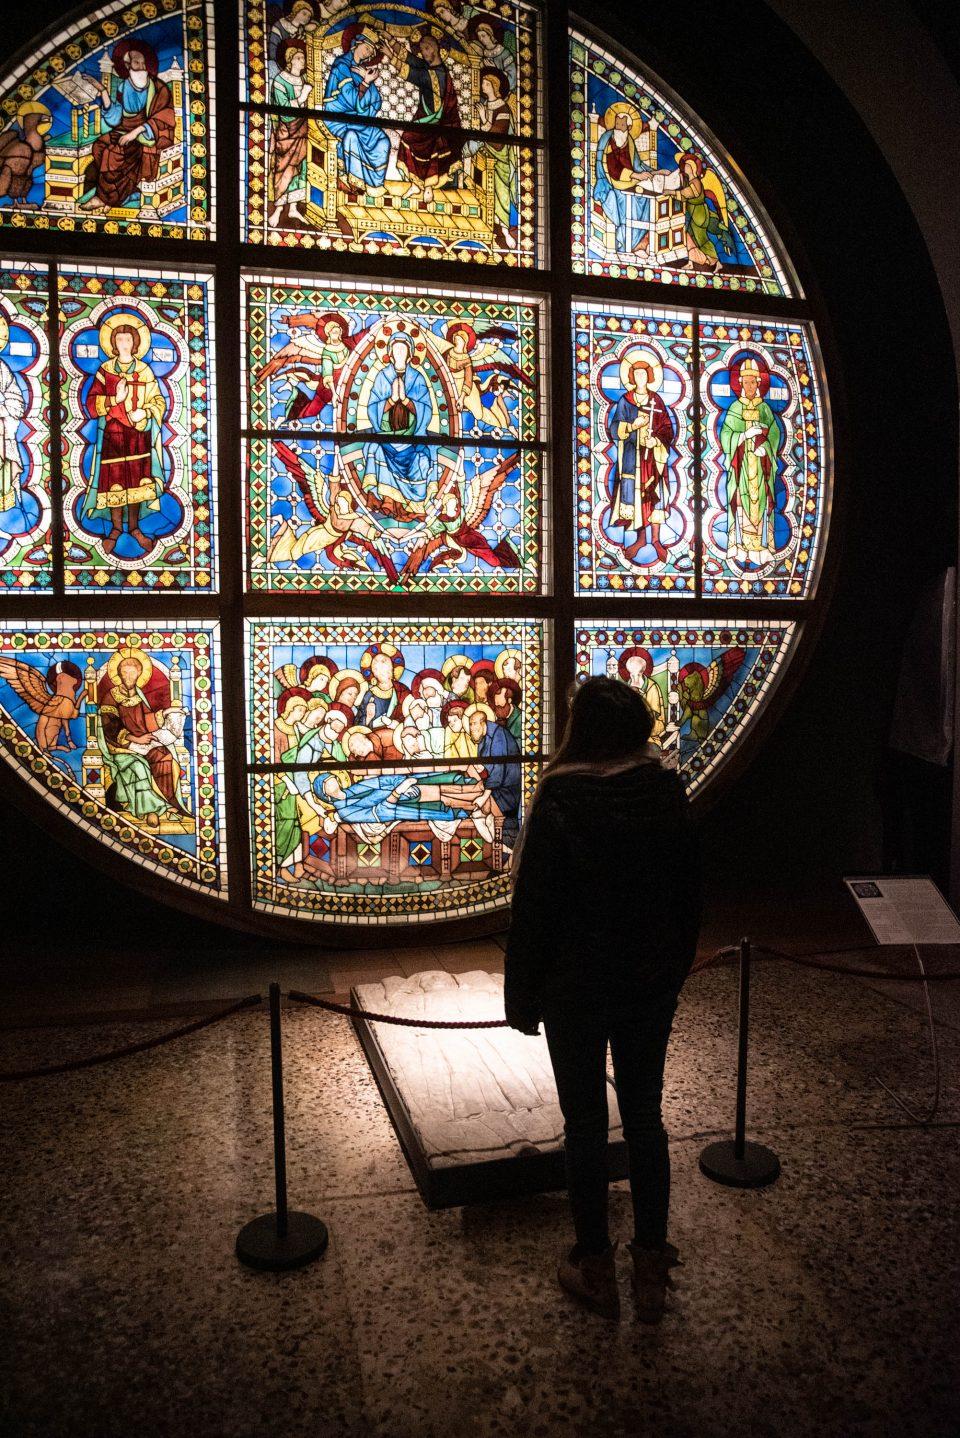 museo dell'opera di siena, Duomo di Siena, duomo siena, cosa vedere a siena, acropoli siena, acropoli pass, istanti in viaggio, visitare siena